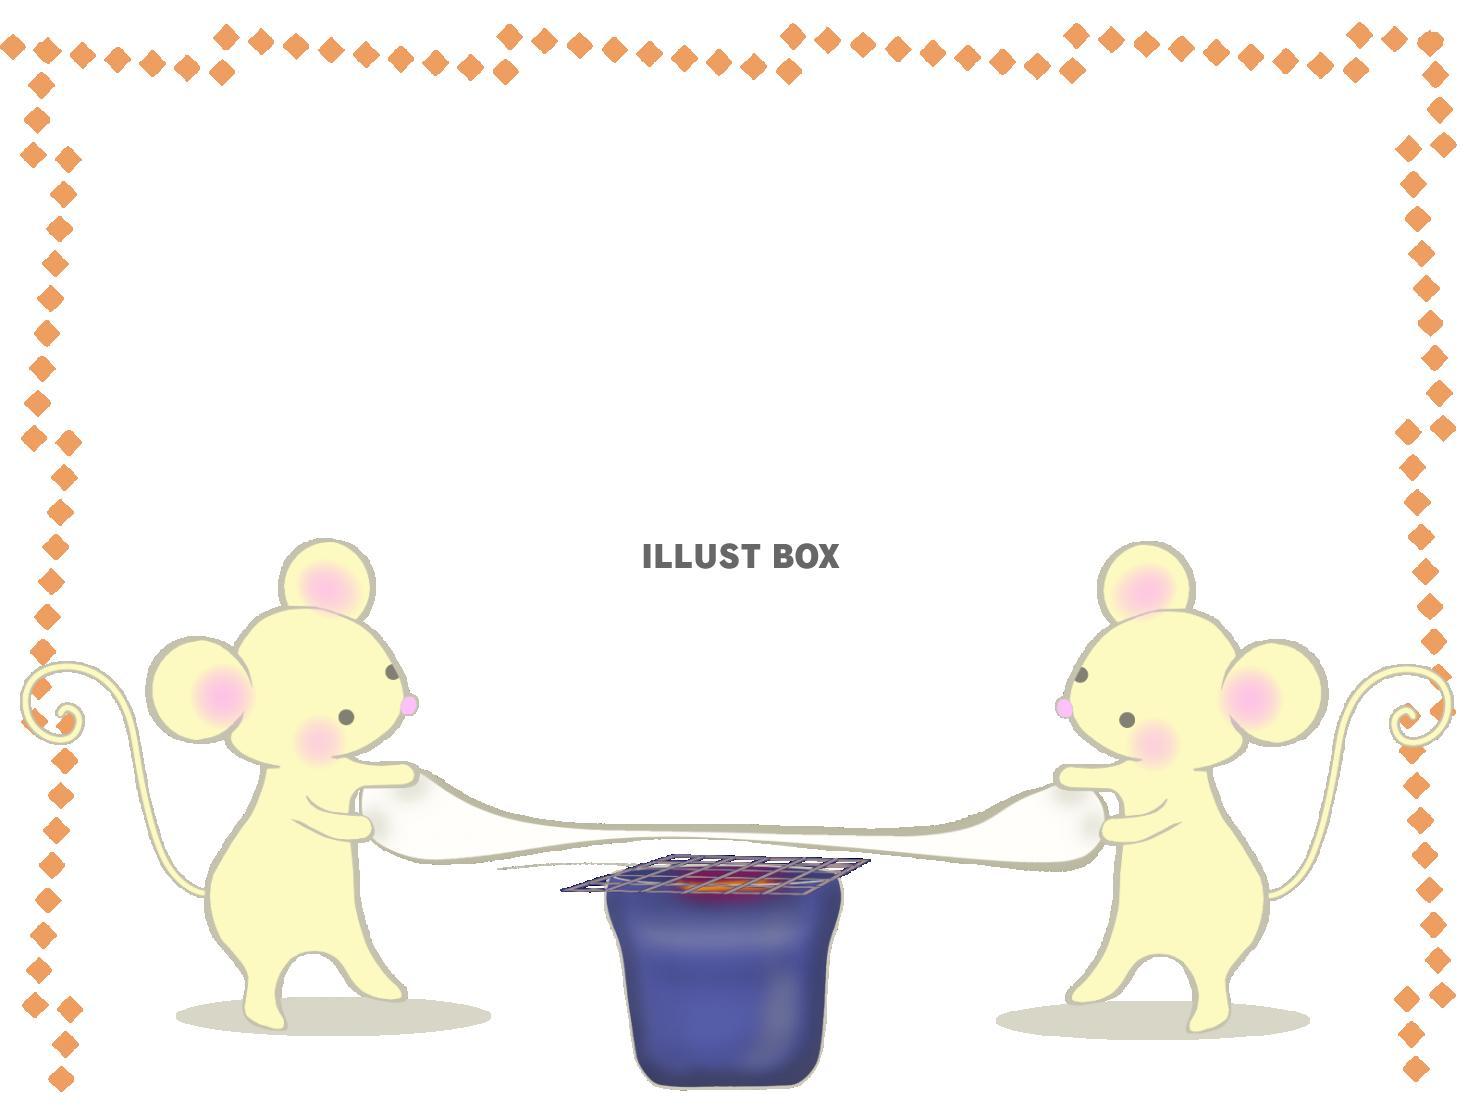 無料イラスト お餅を取り合うネズミのイラスト